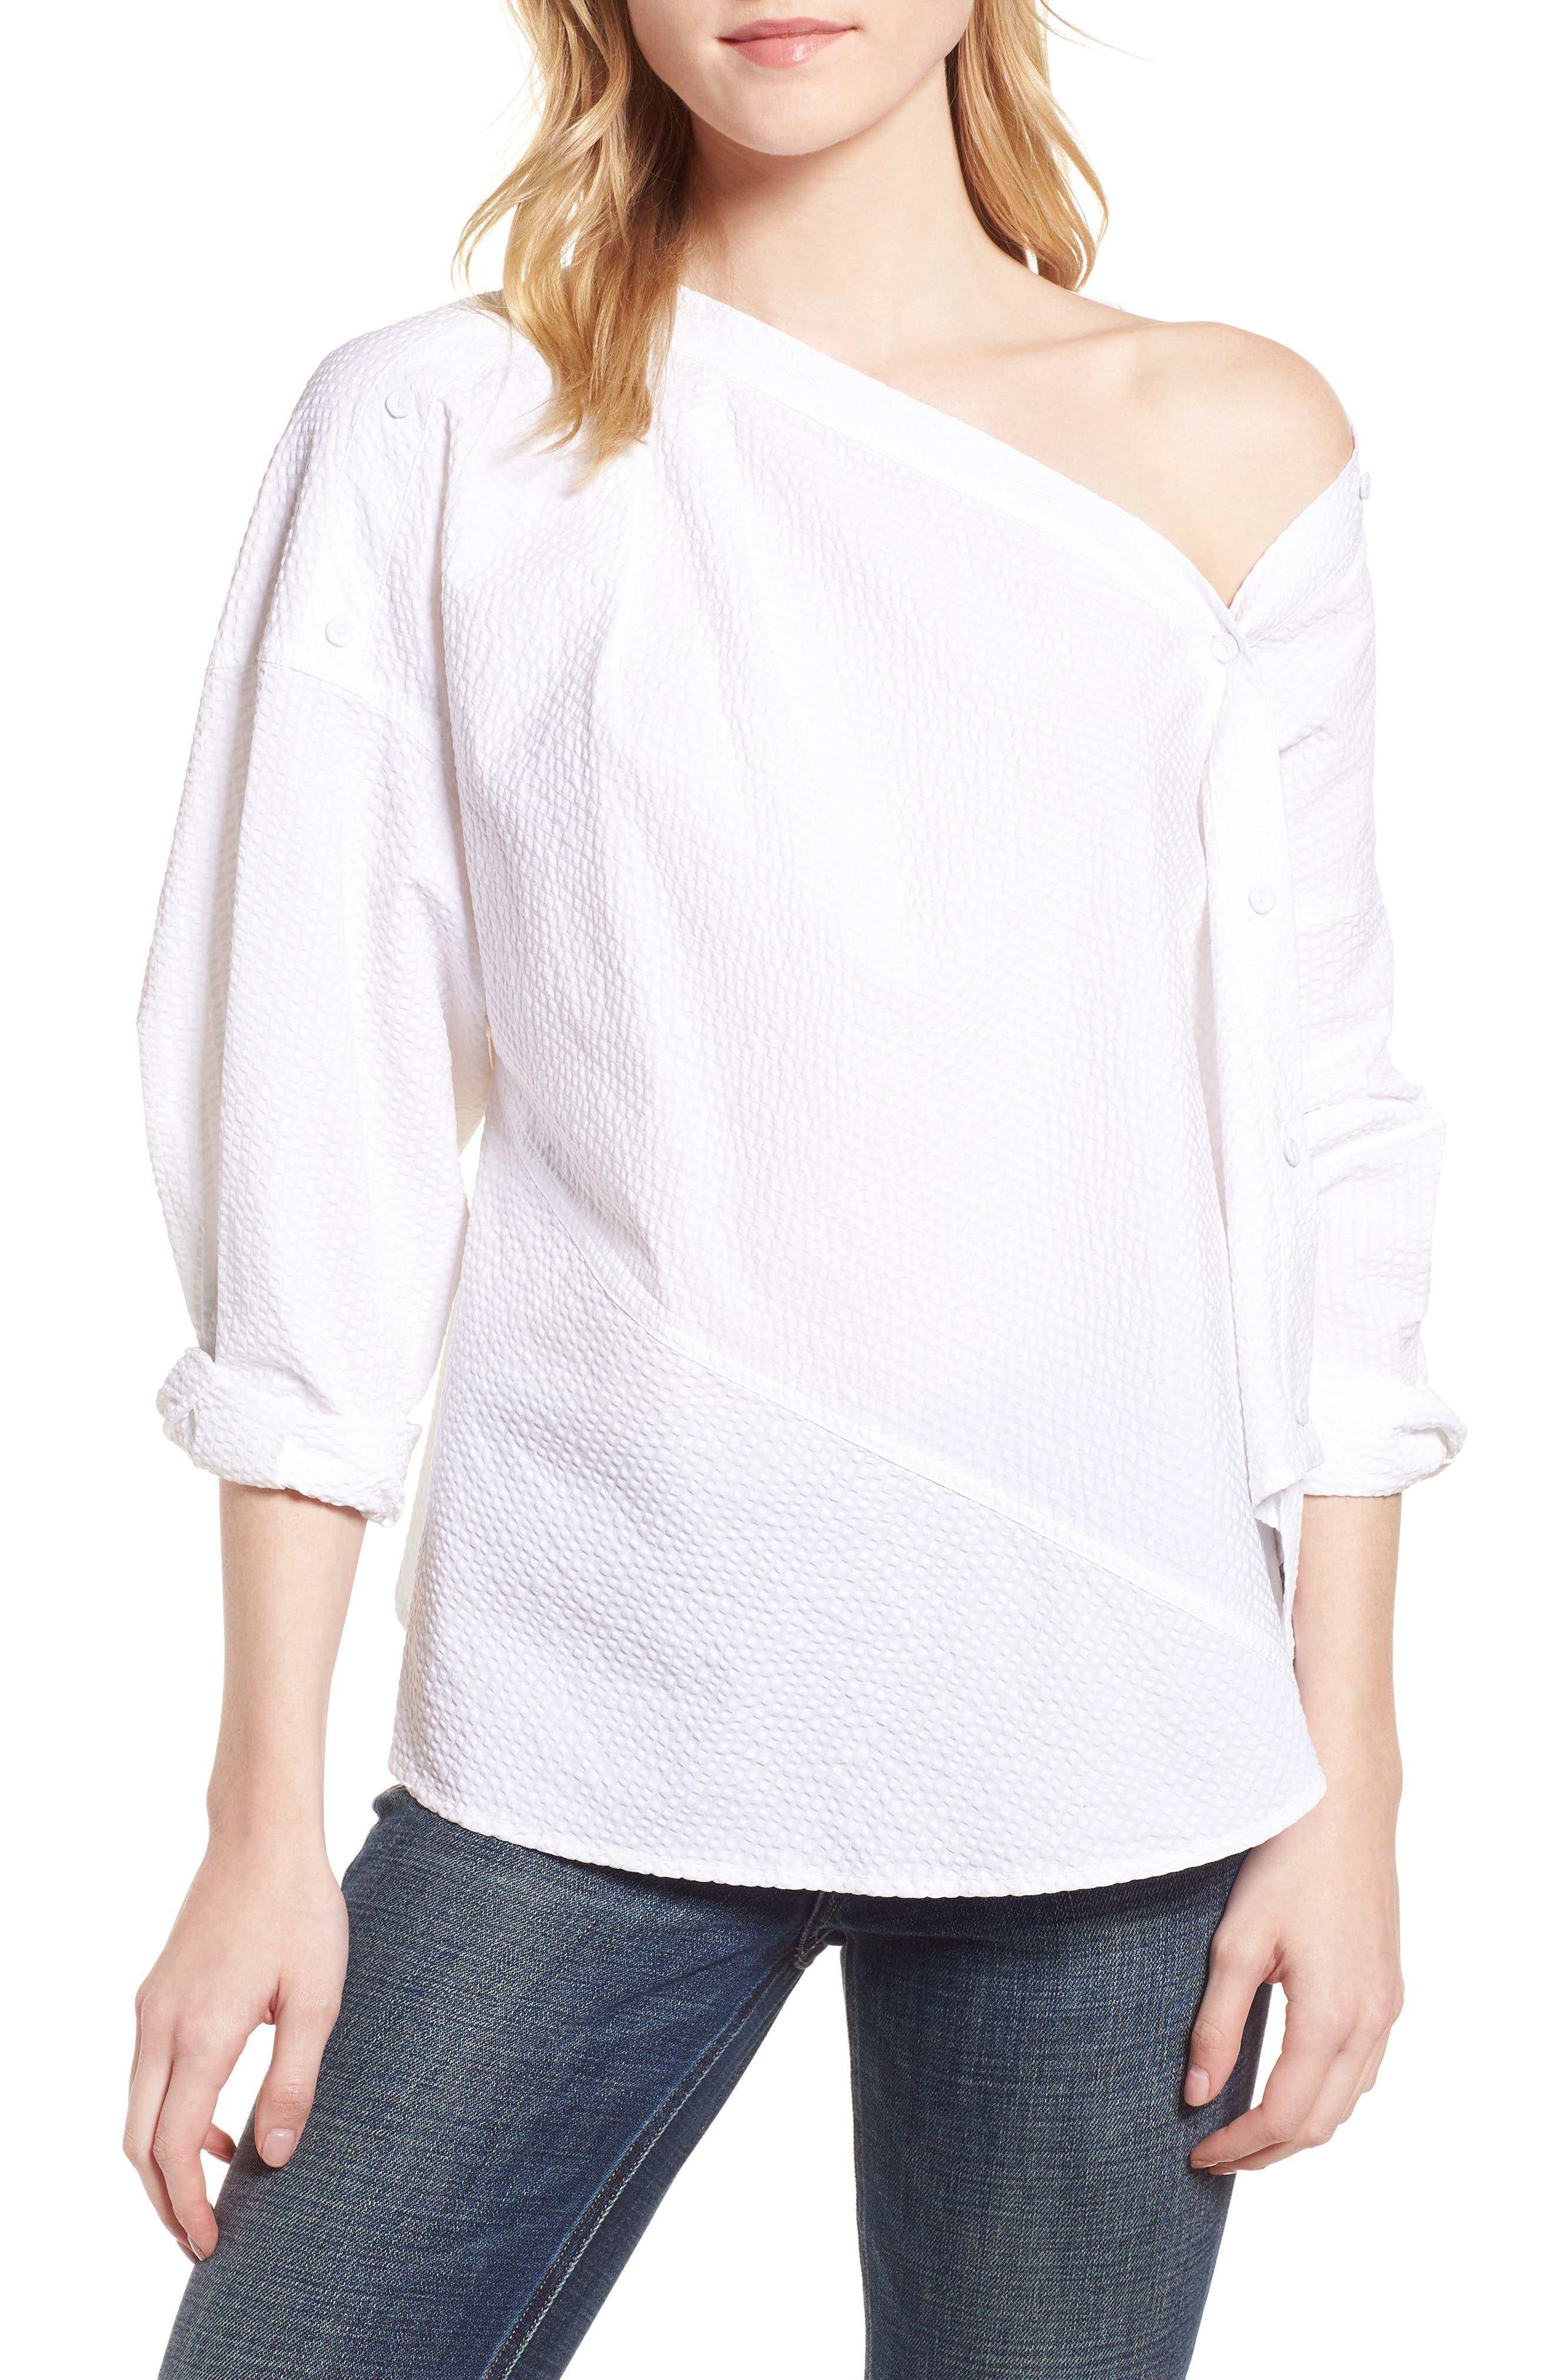 Daphne One Shoulder Cotton Top,                         Main,                         color, 150